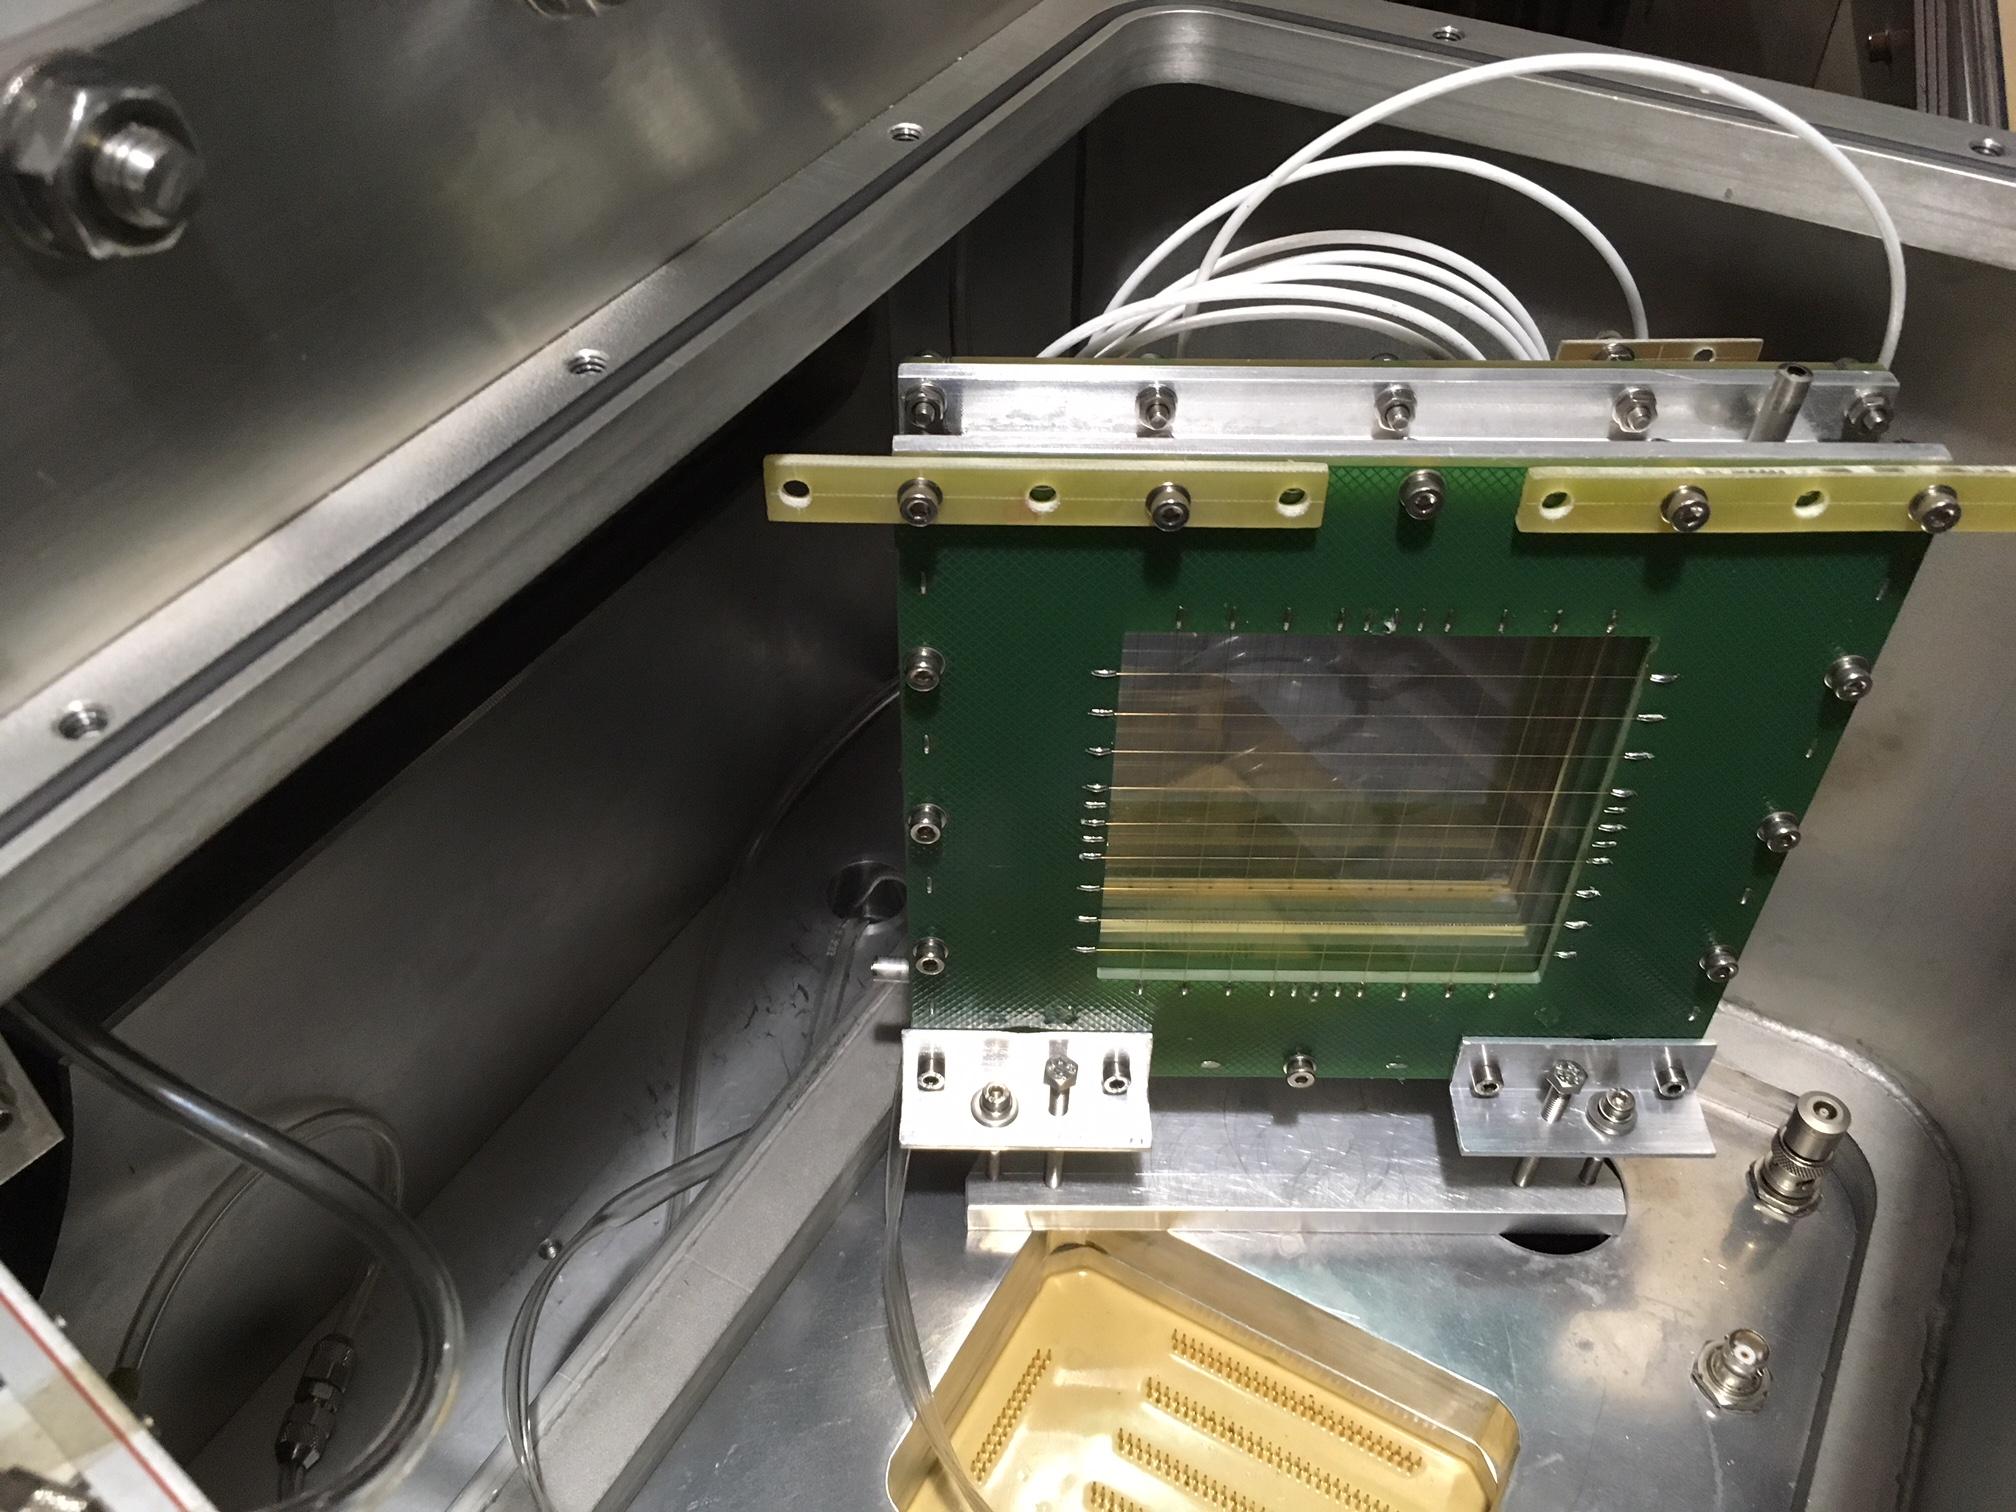 Détecteur complémentaire ajouté au spectromètre VAMOS pour prendre en compte les deux fragments de fission. / Image Christelle Schmitt IPHC